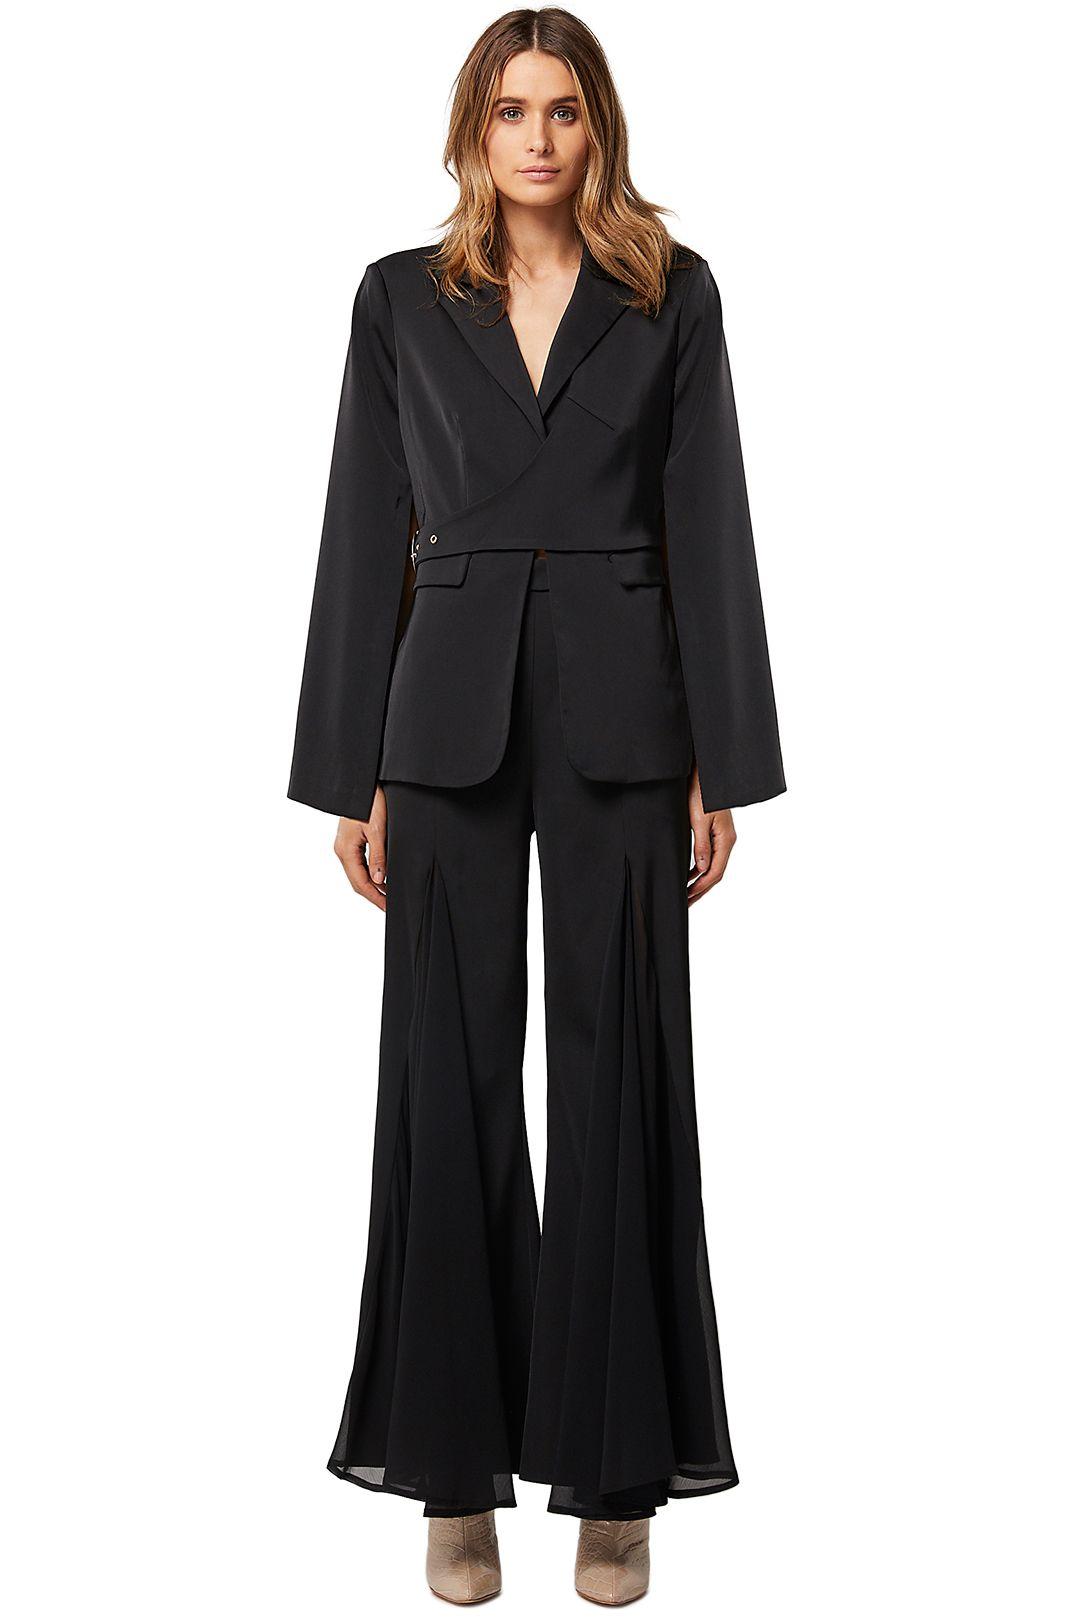 Elliatt-Cara-Blazer-and-Pant-Set-Black-Front